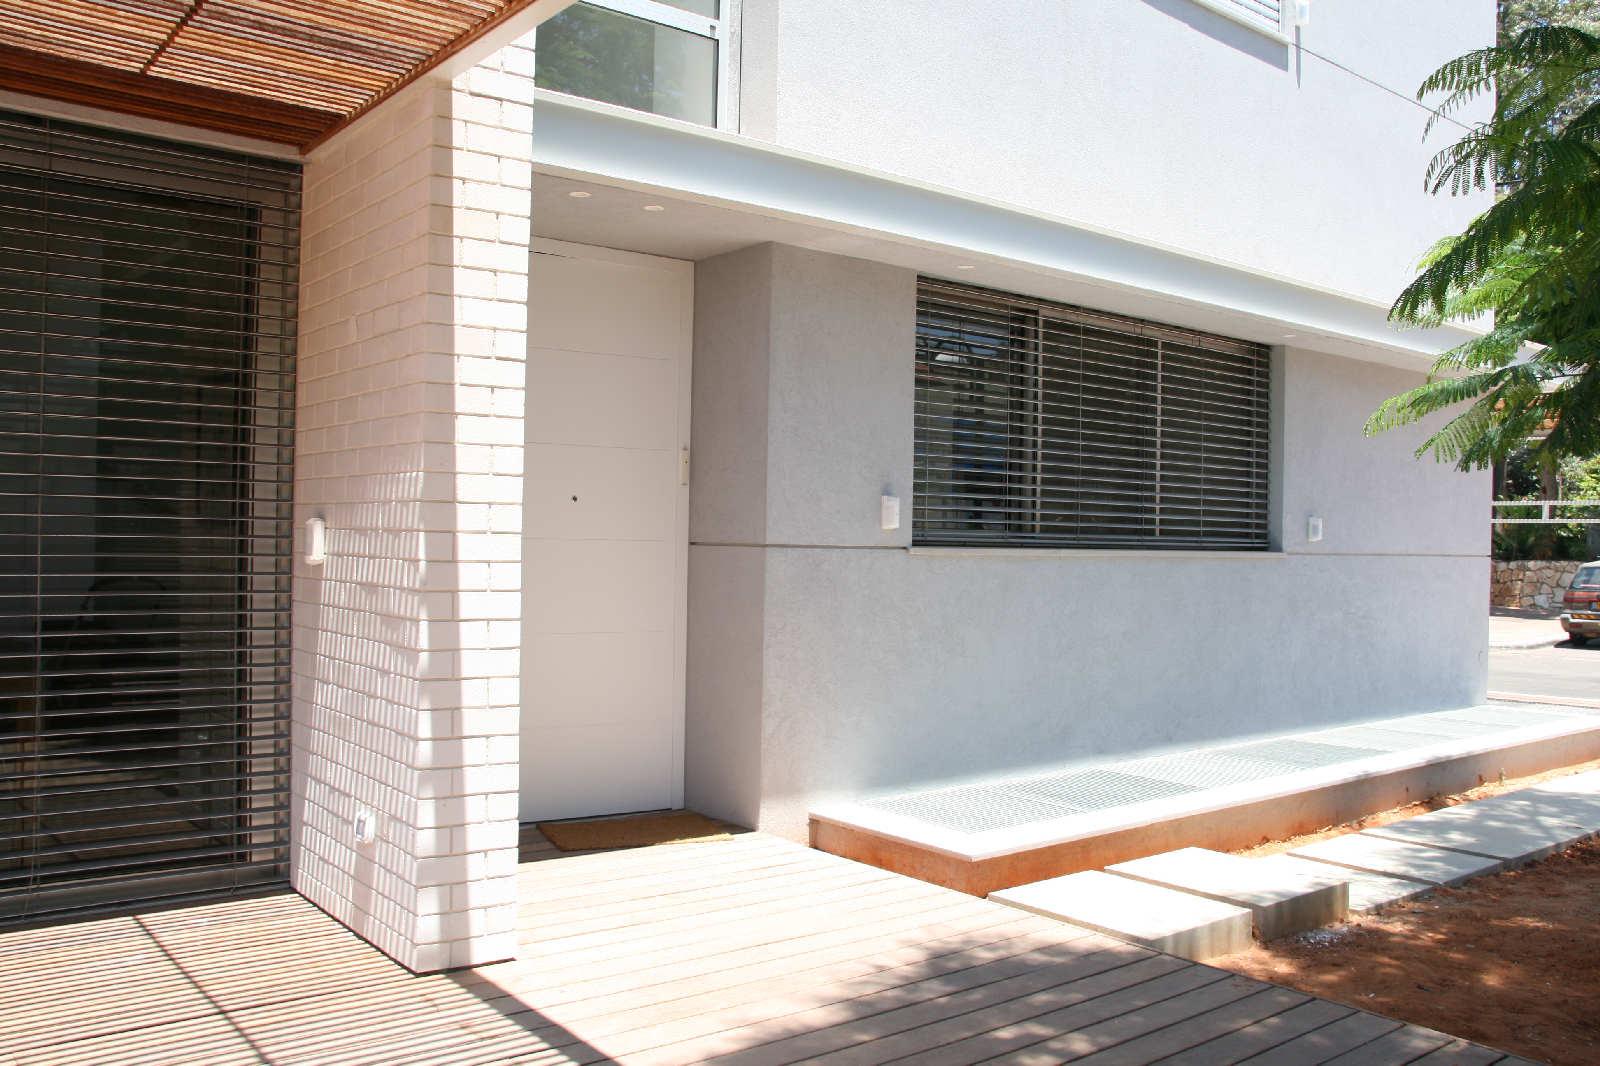 תכנון בתים ברמת השרון. בחירת חומרי גמר